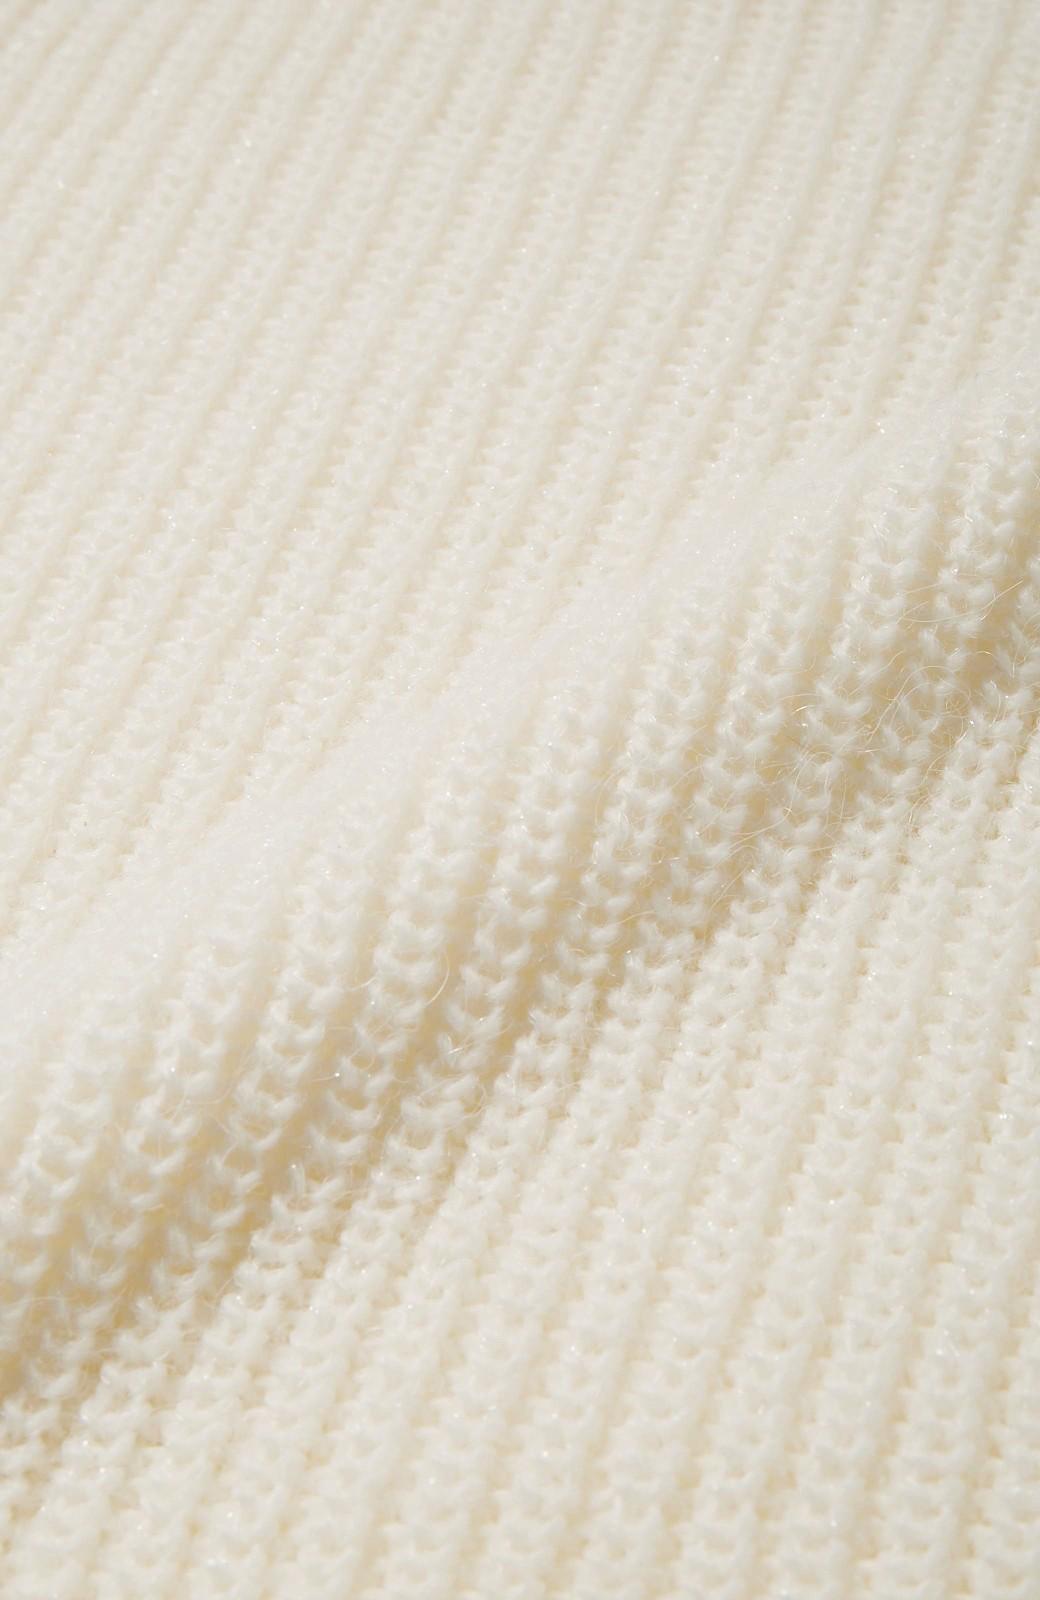 エムトロワ MADE INイタリアの糸を使った 女らしさ薫る上品ラメのVネックニット <オフホワイト>の商品写真3